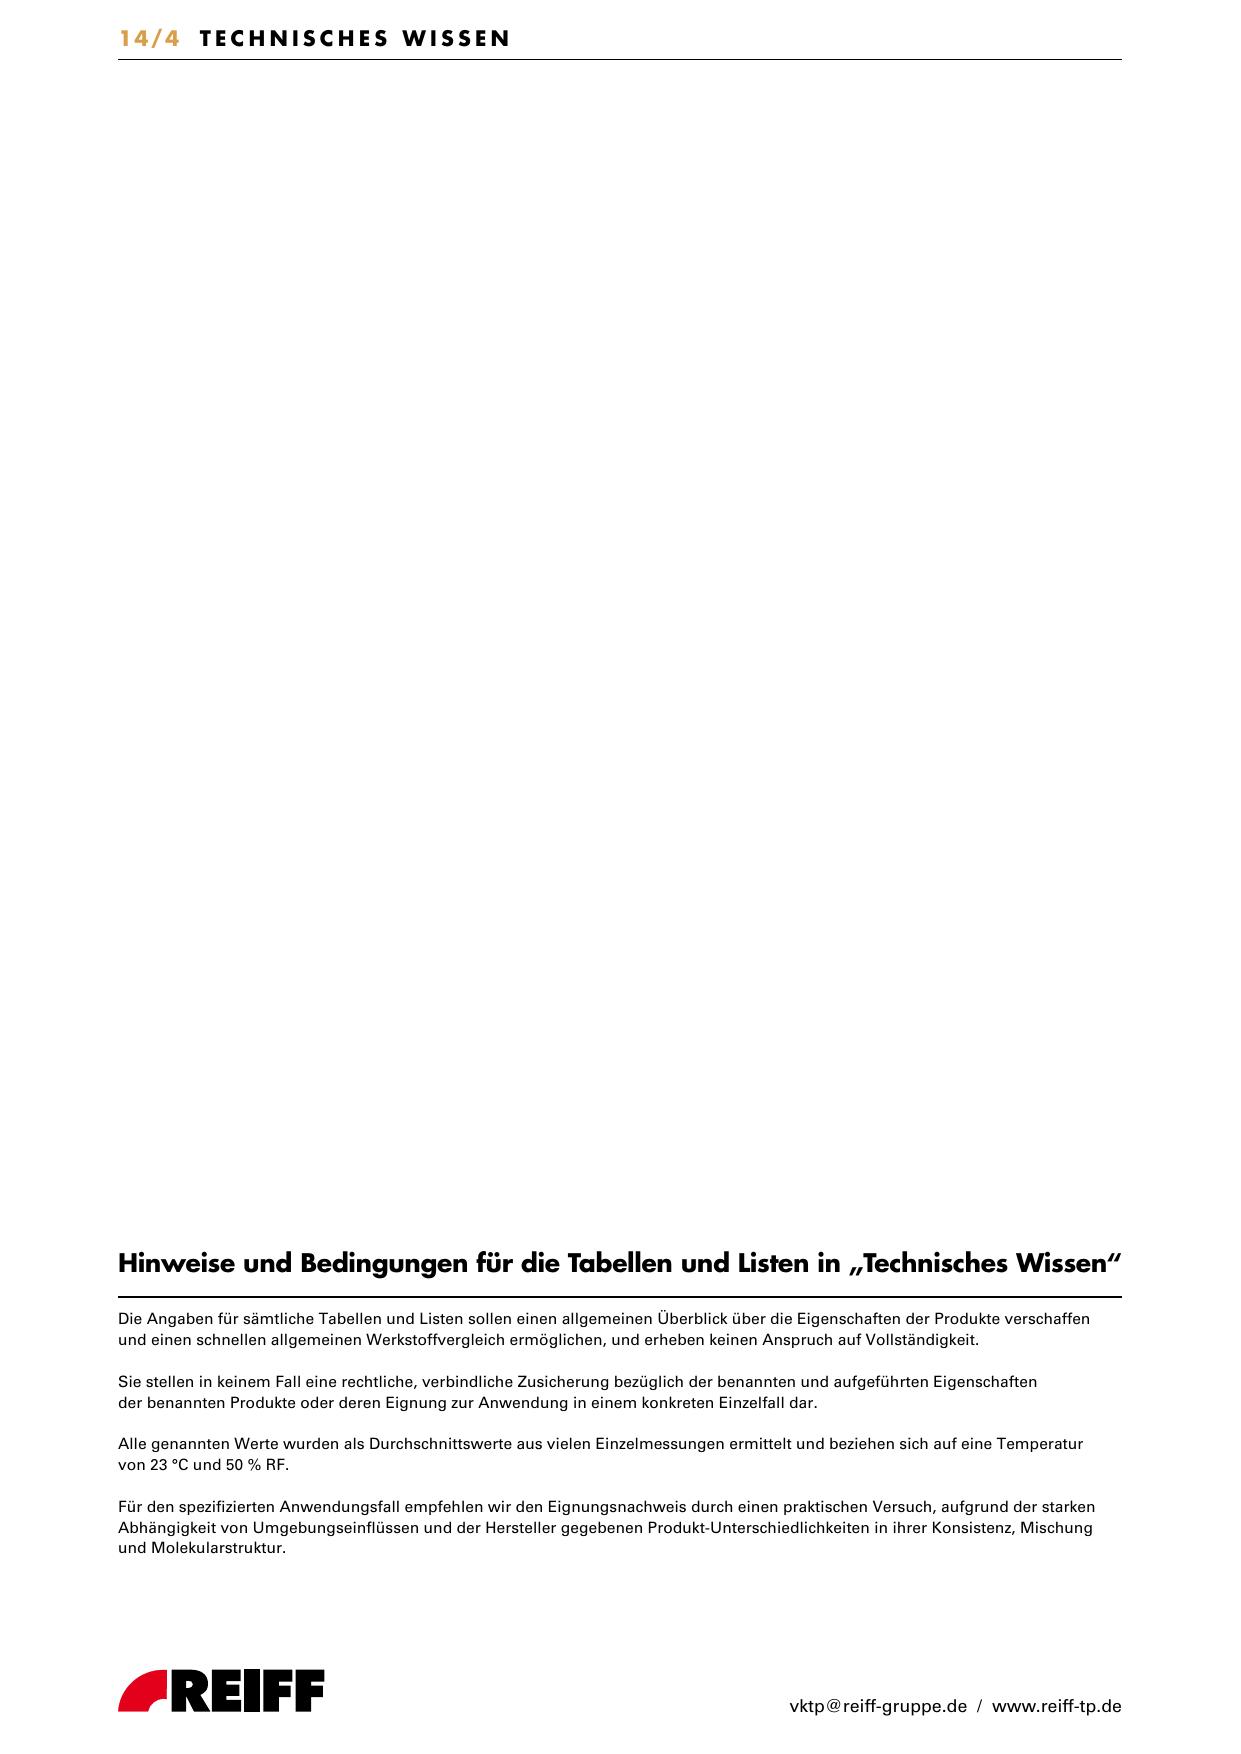 Technisches Wissen - bei REIFF Technische Produkte | manualzz.com